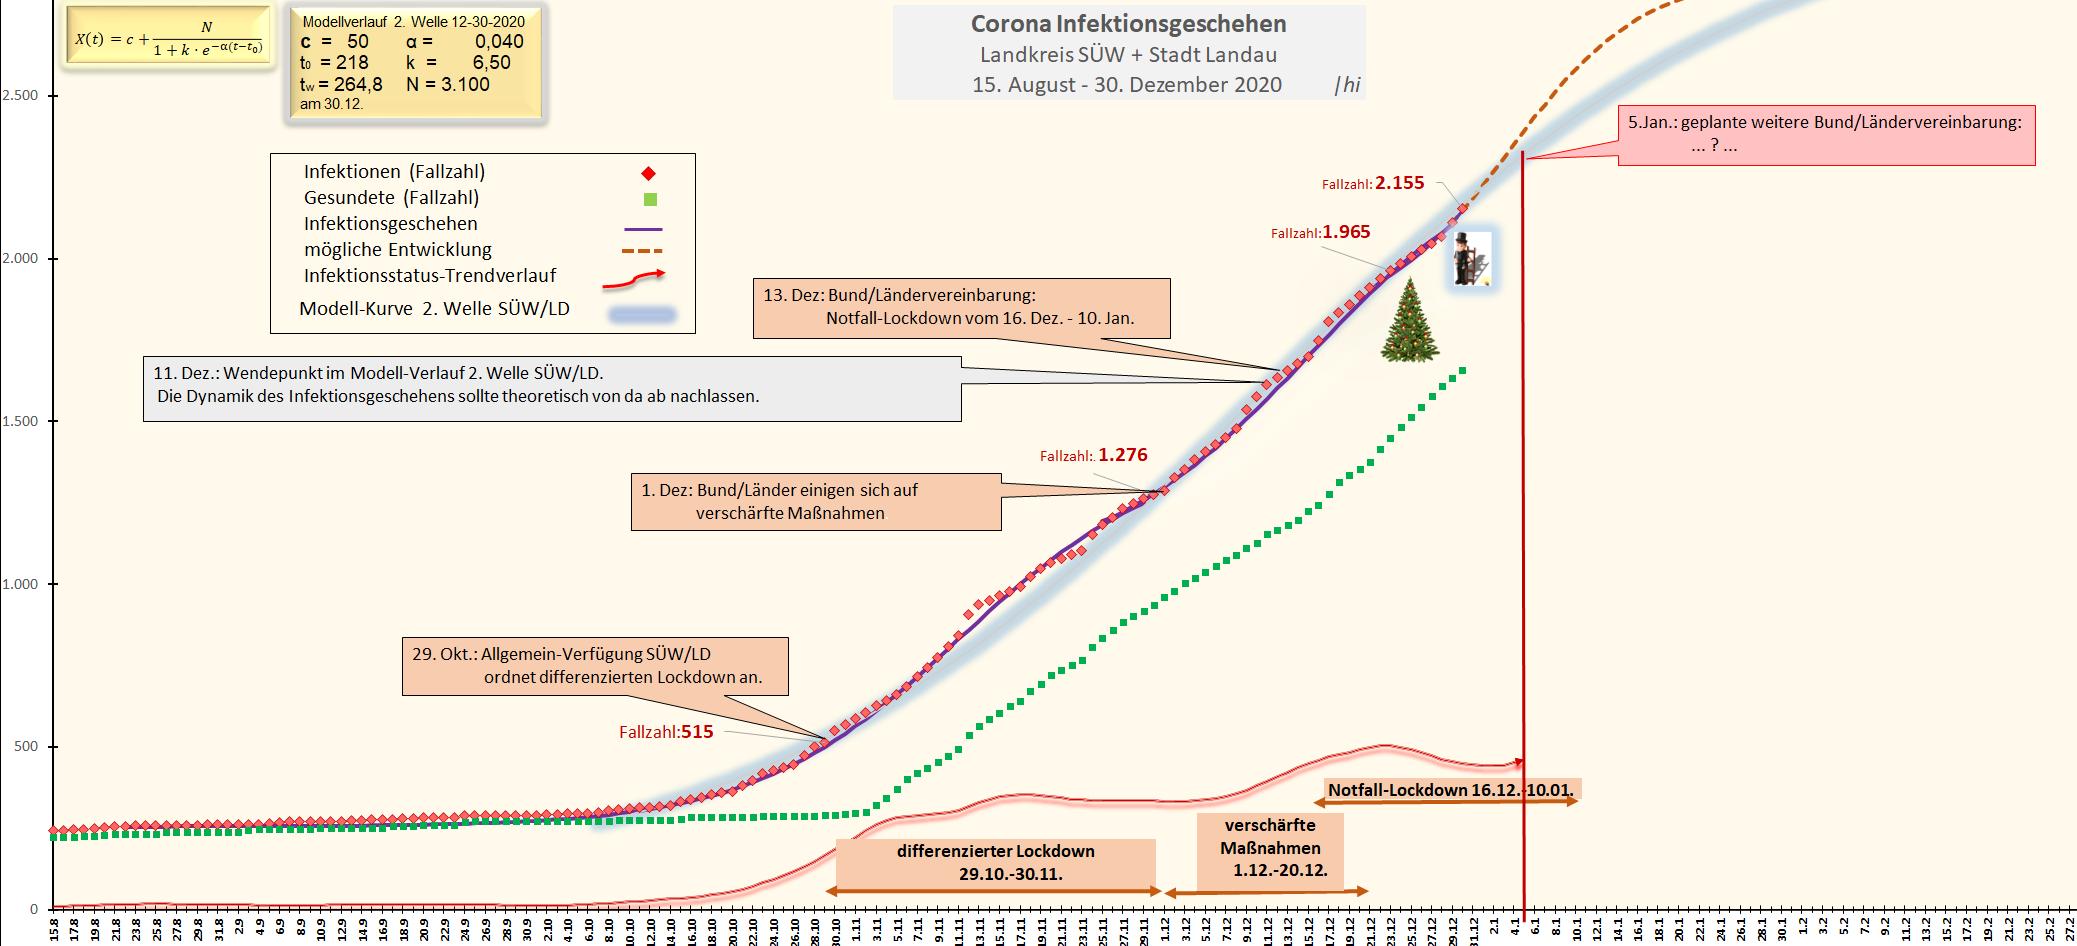 Corona-Statistik Kreis SÜW und Stadt LandauDer 10. Januar ist nur eine Zwischenstation